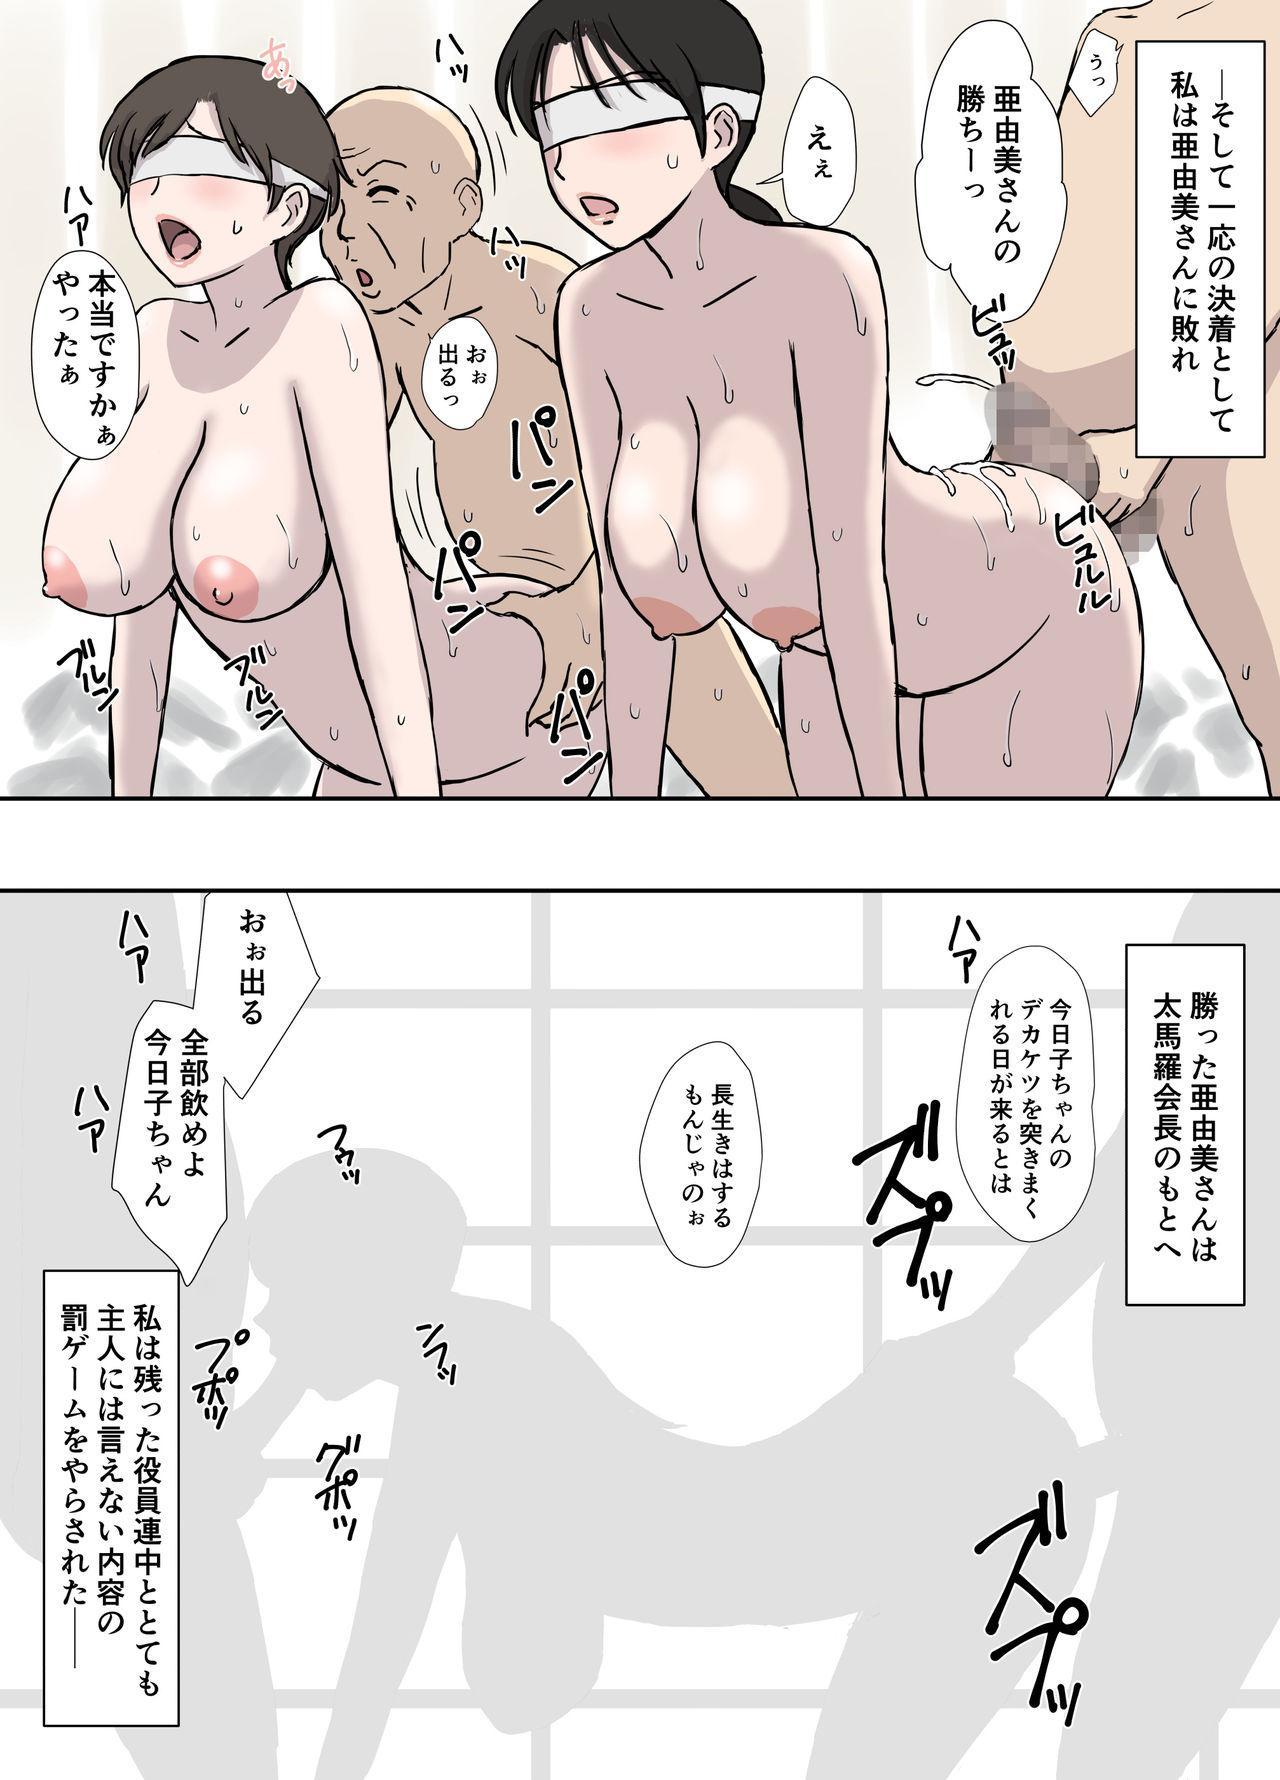 Makezugirai no Kyouko-san 8